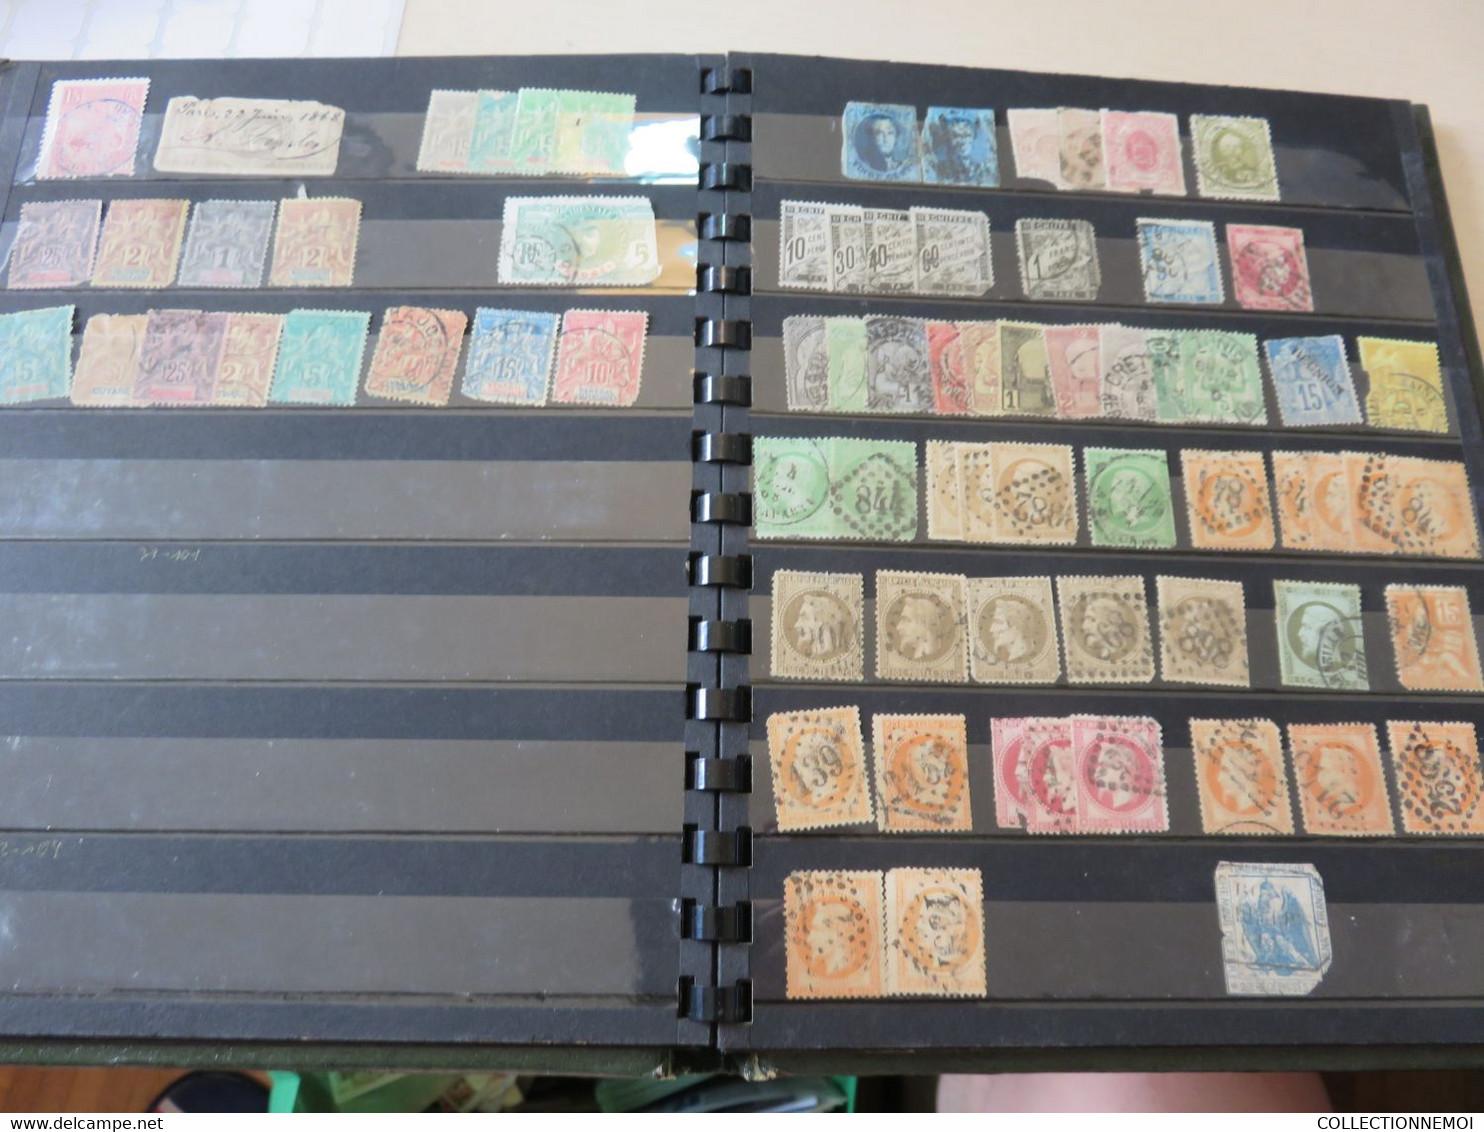 1 Vrac ,de Tout Mélangé ,DES MILLIERS DE TIMBRES ,,,des Heures Et Des Heures De Tri,,, - Lots & Kiloware (mixtures) - Min. 1000 Stamps